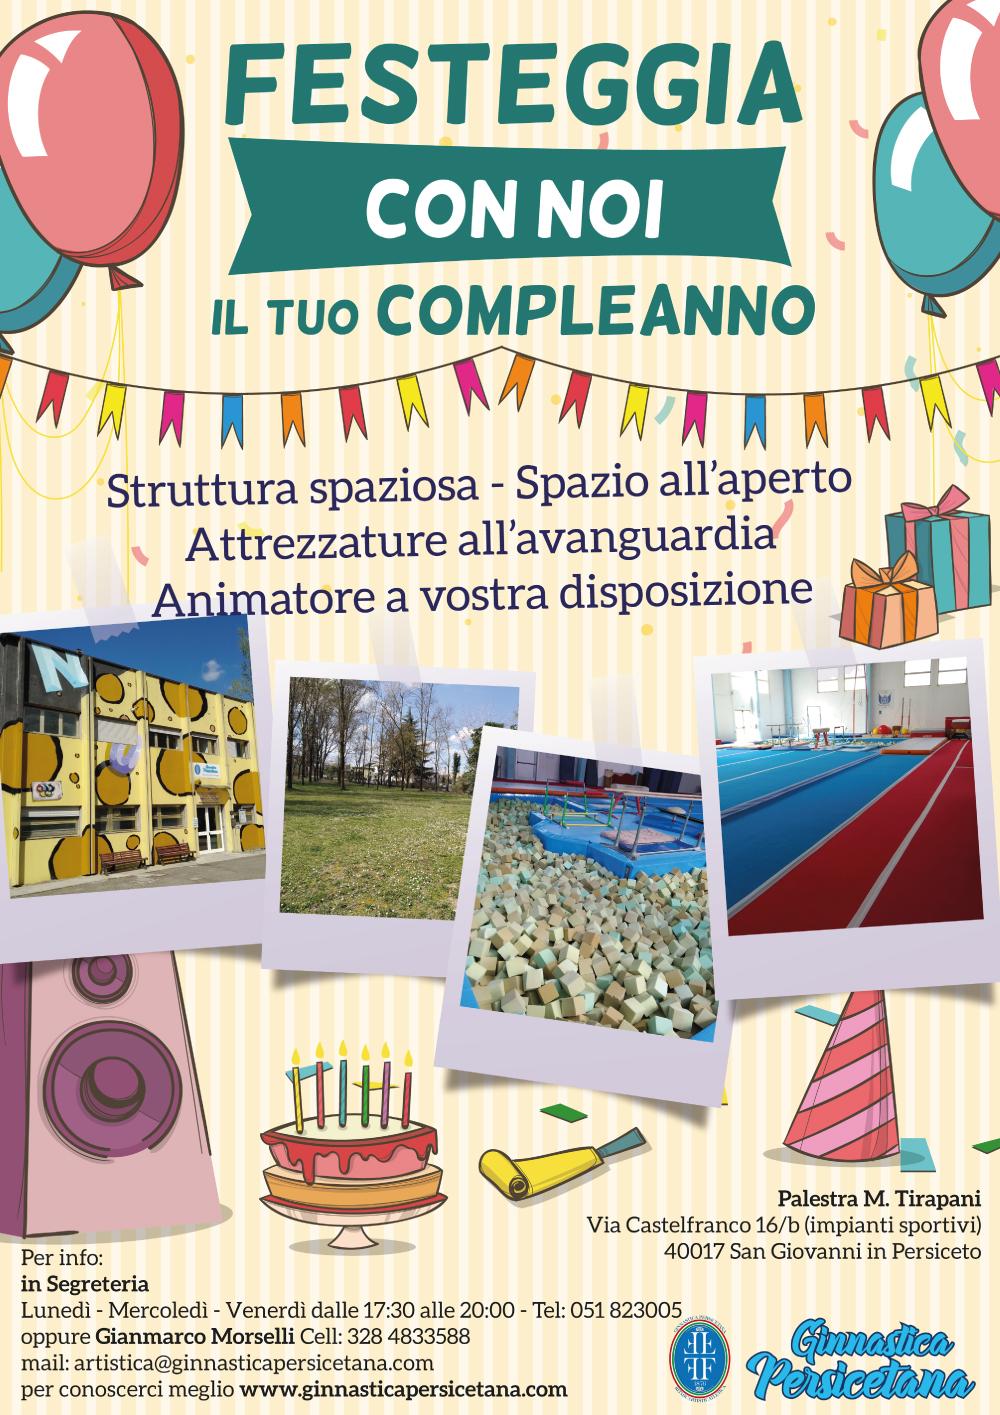 Festeggia con noi il tuo compleanno